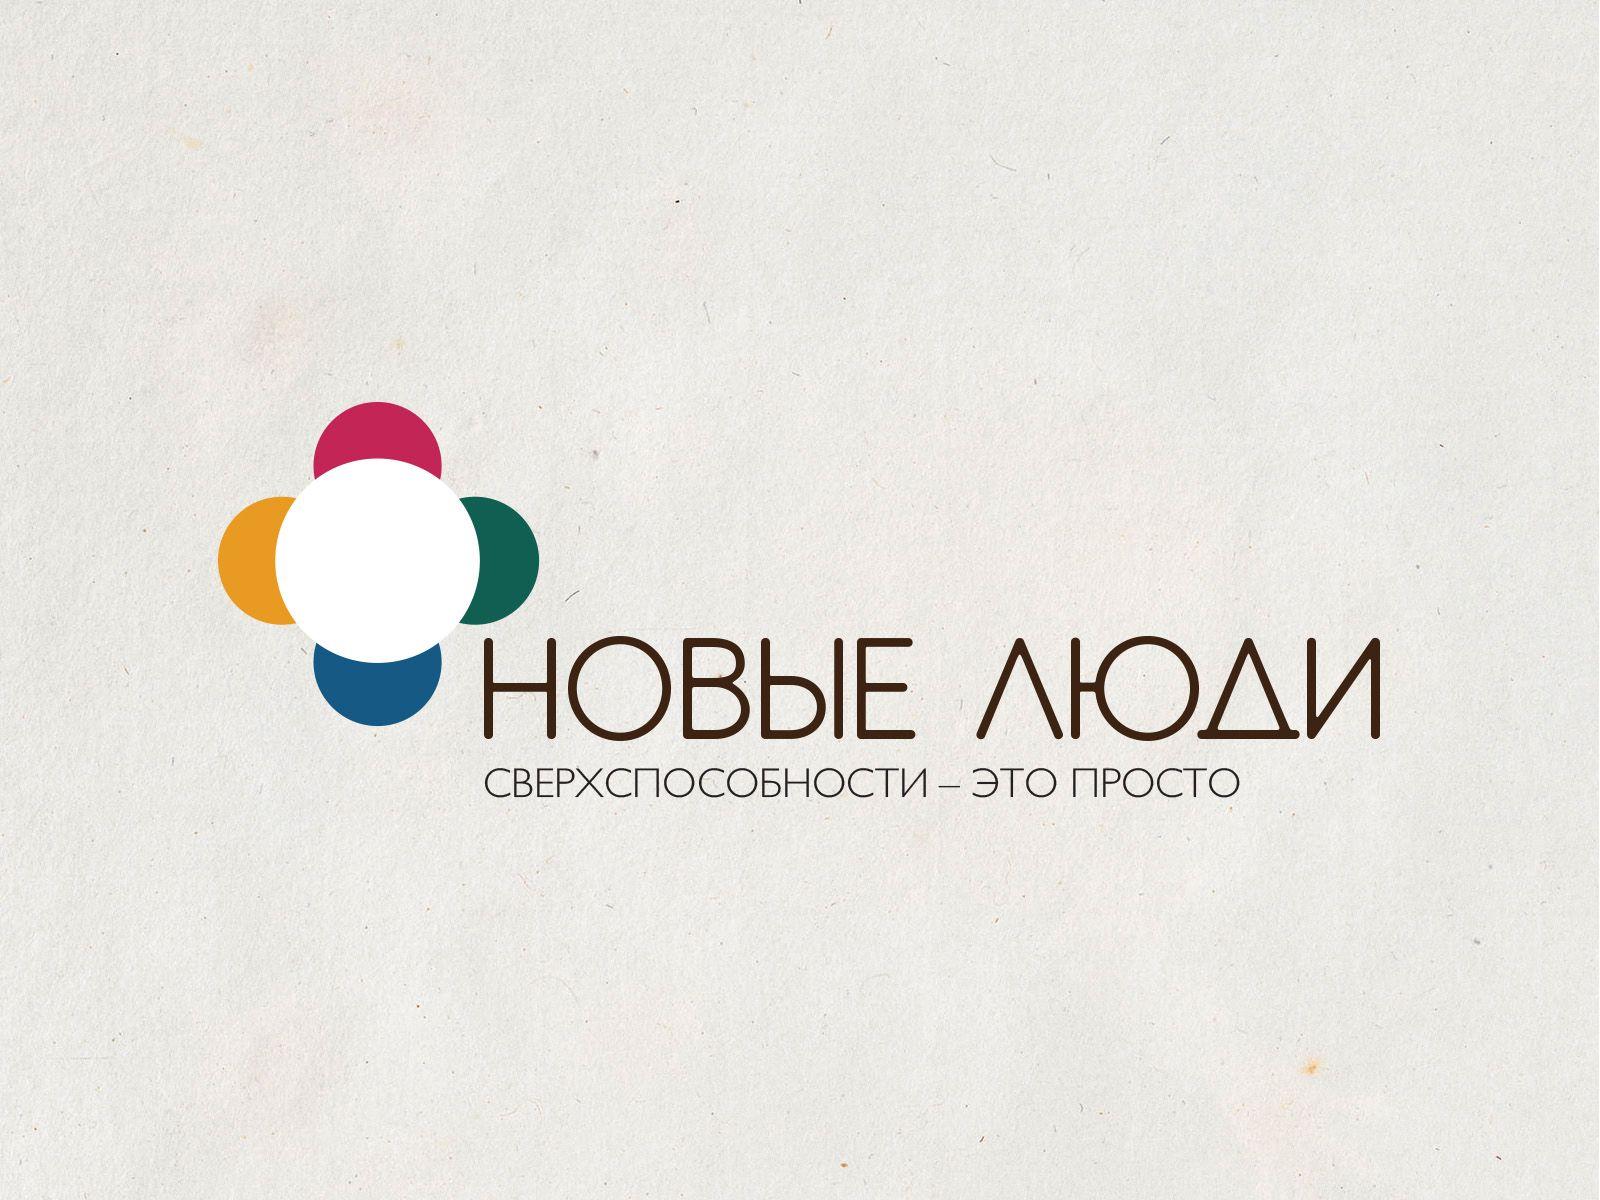 Лого и стиль тренингового центра/системы знаний - дизайнер UkkoKarhunen